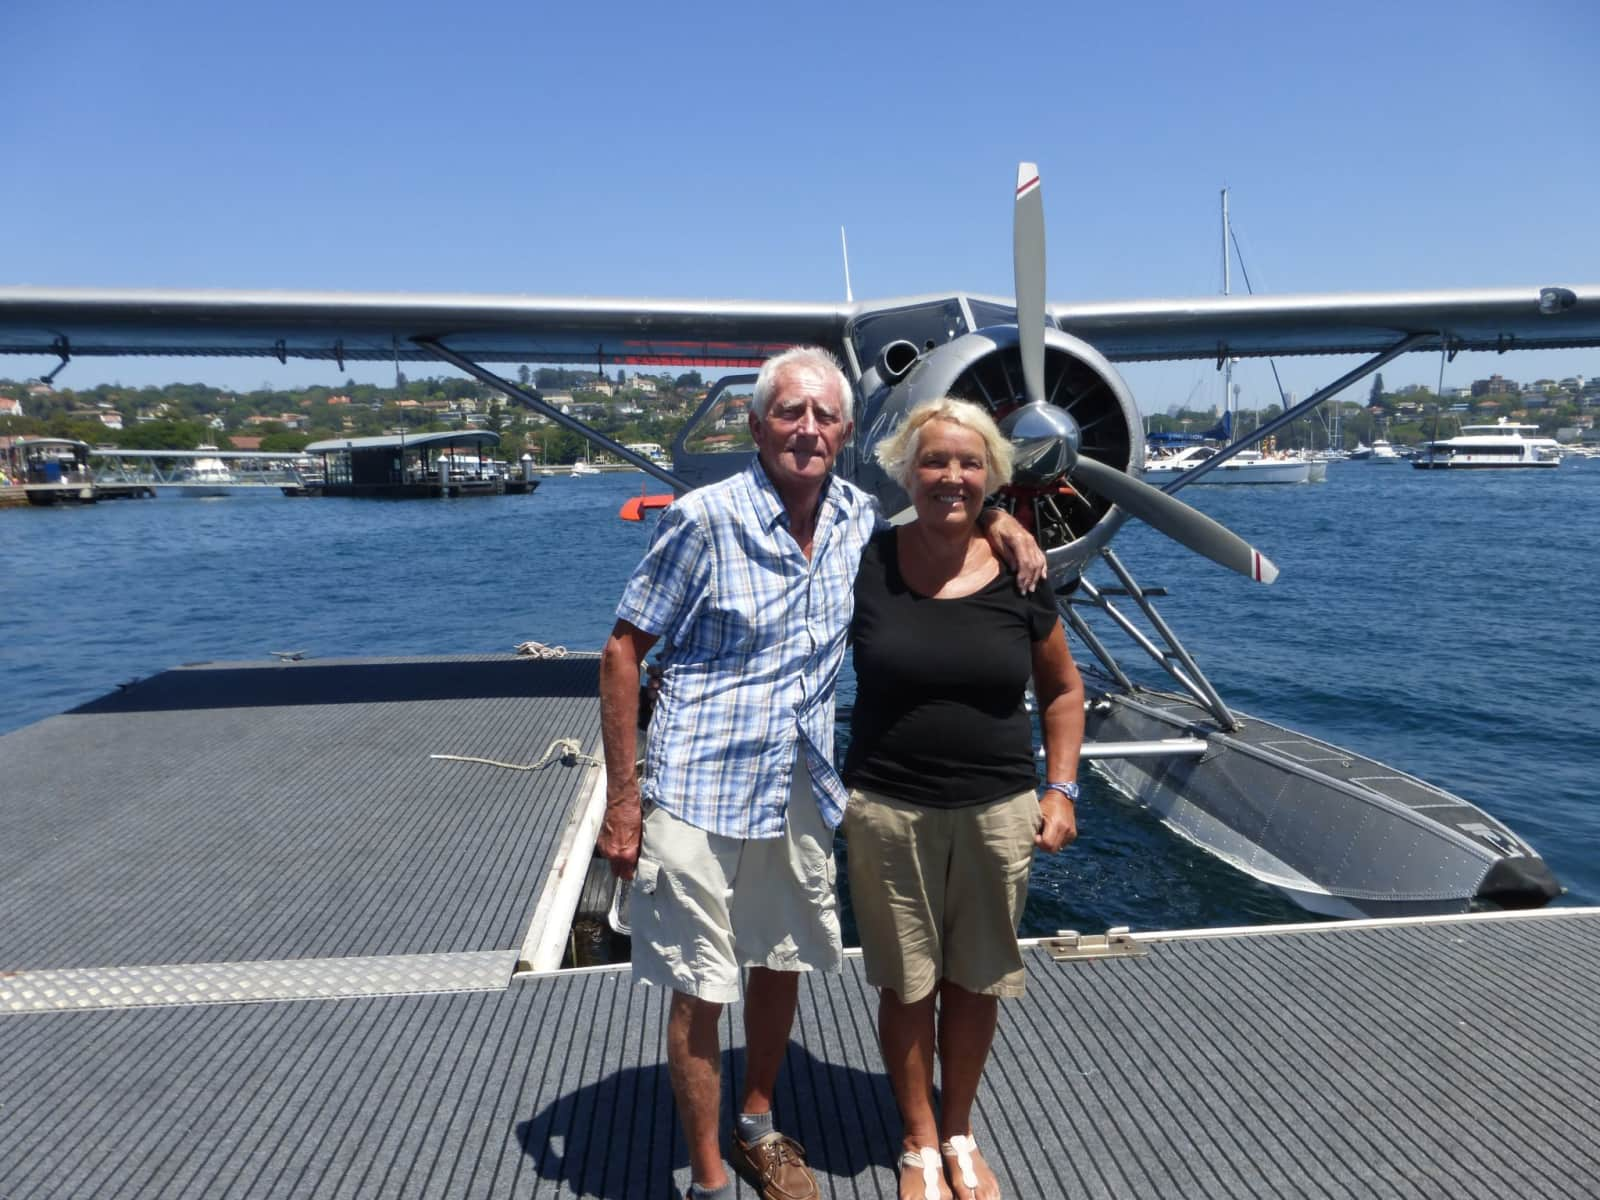 Joy & Nick from Romsey, United Kingdom